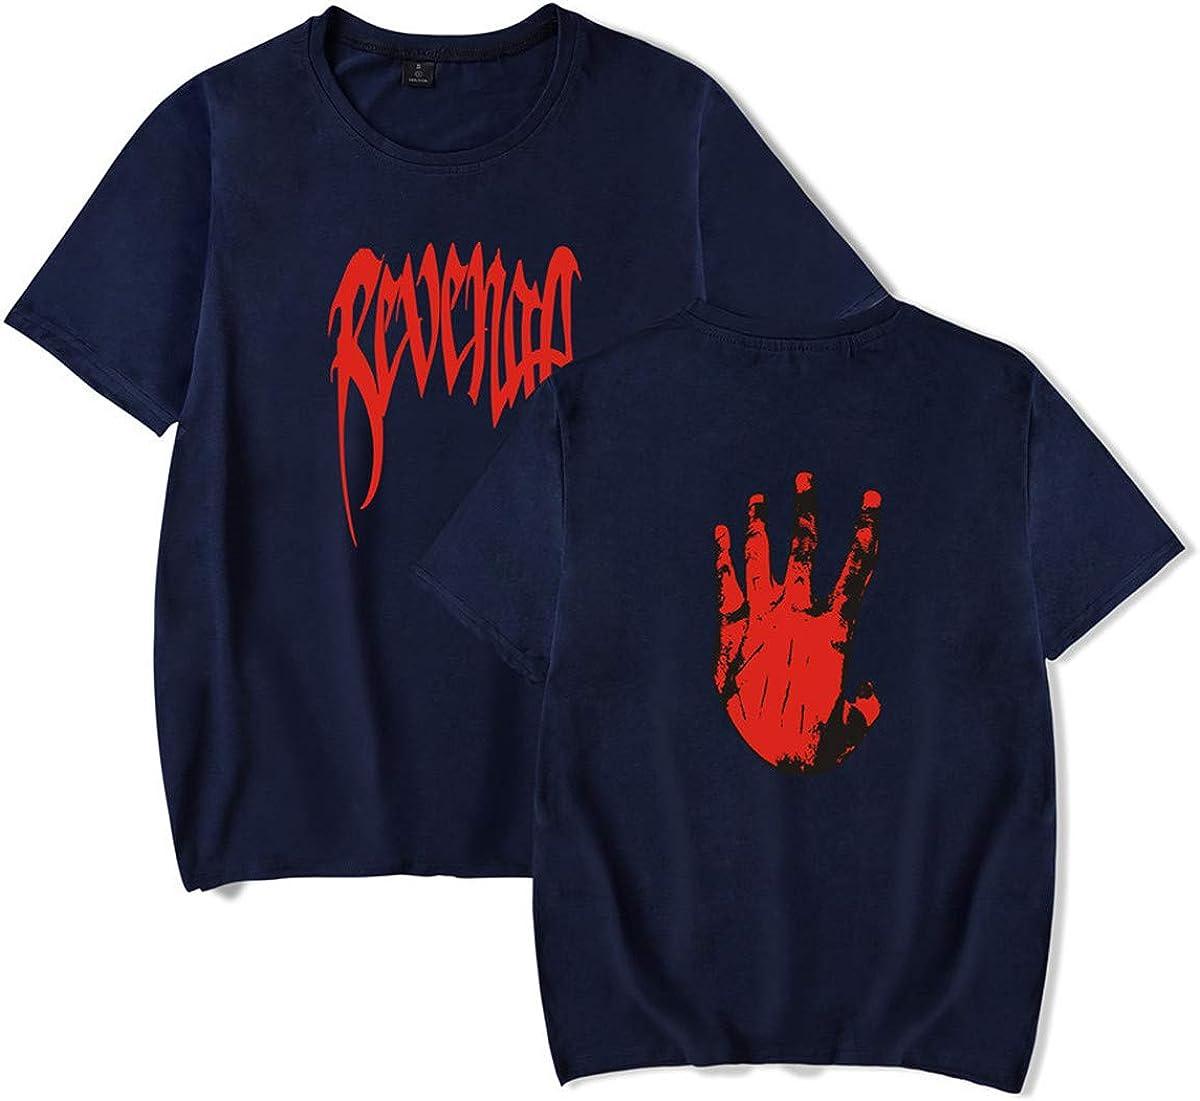 Faith Wing Populaire Unisexe Xxxtentacion Revenge T-Shirt D/ét/é /À Manches Courtes T-Shirts Imprimer Lettre Col Rond L/âche Top Tops pour Homme et Femme